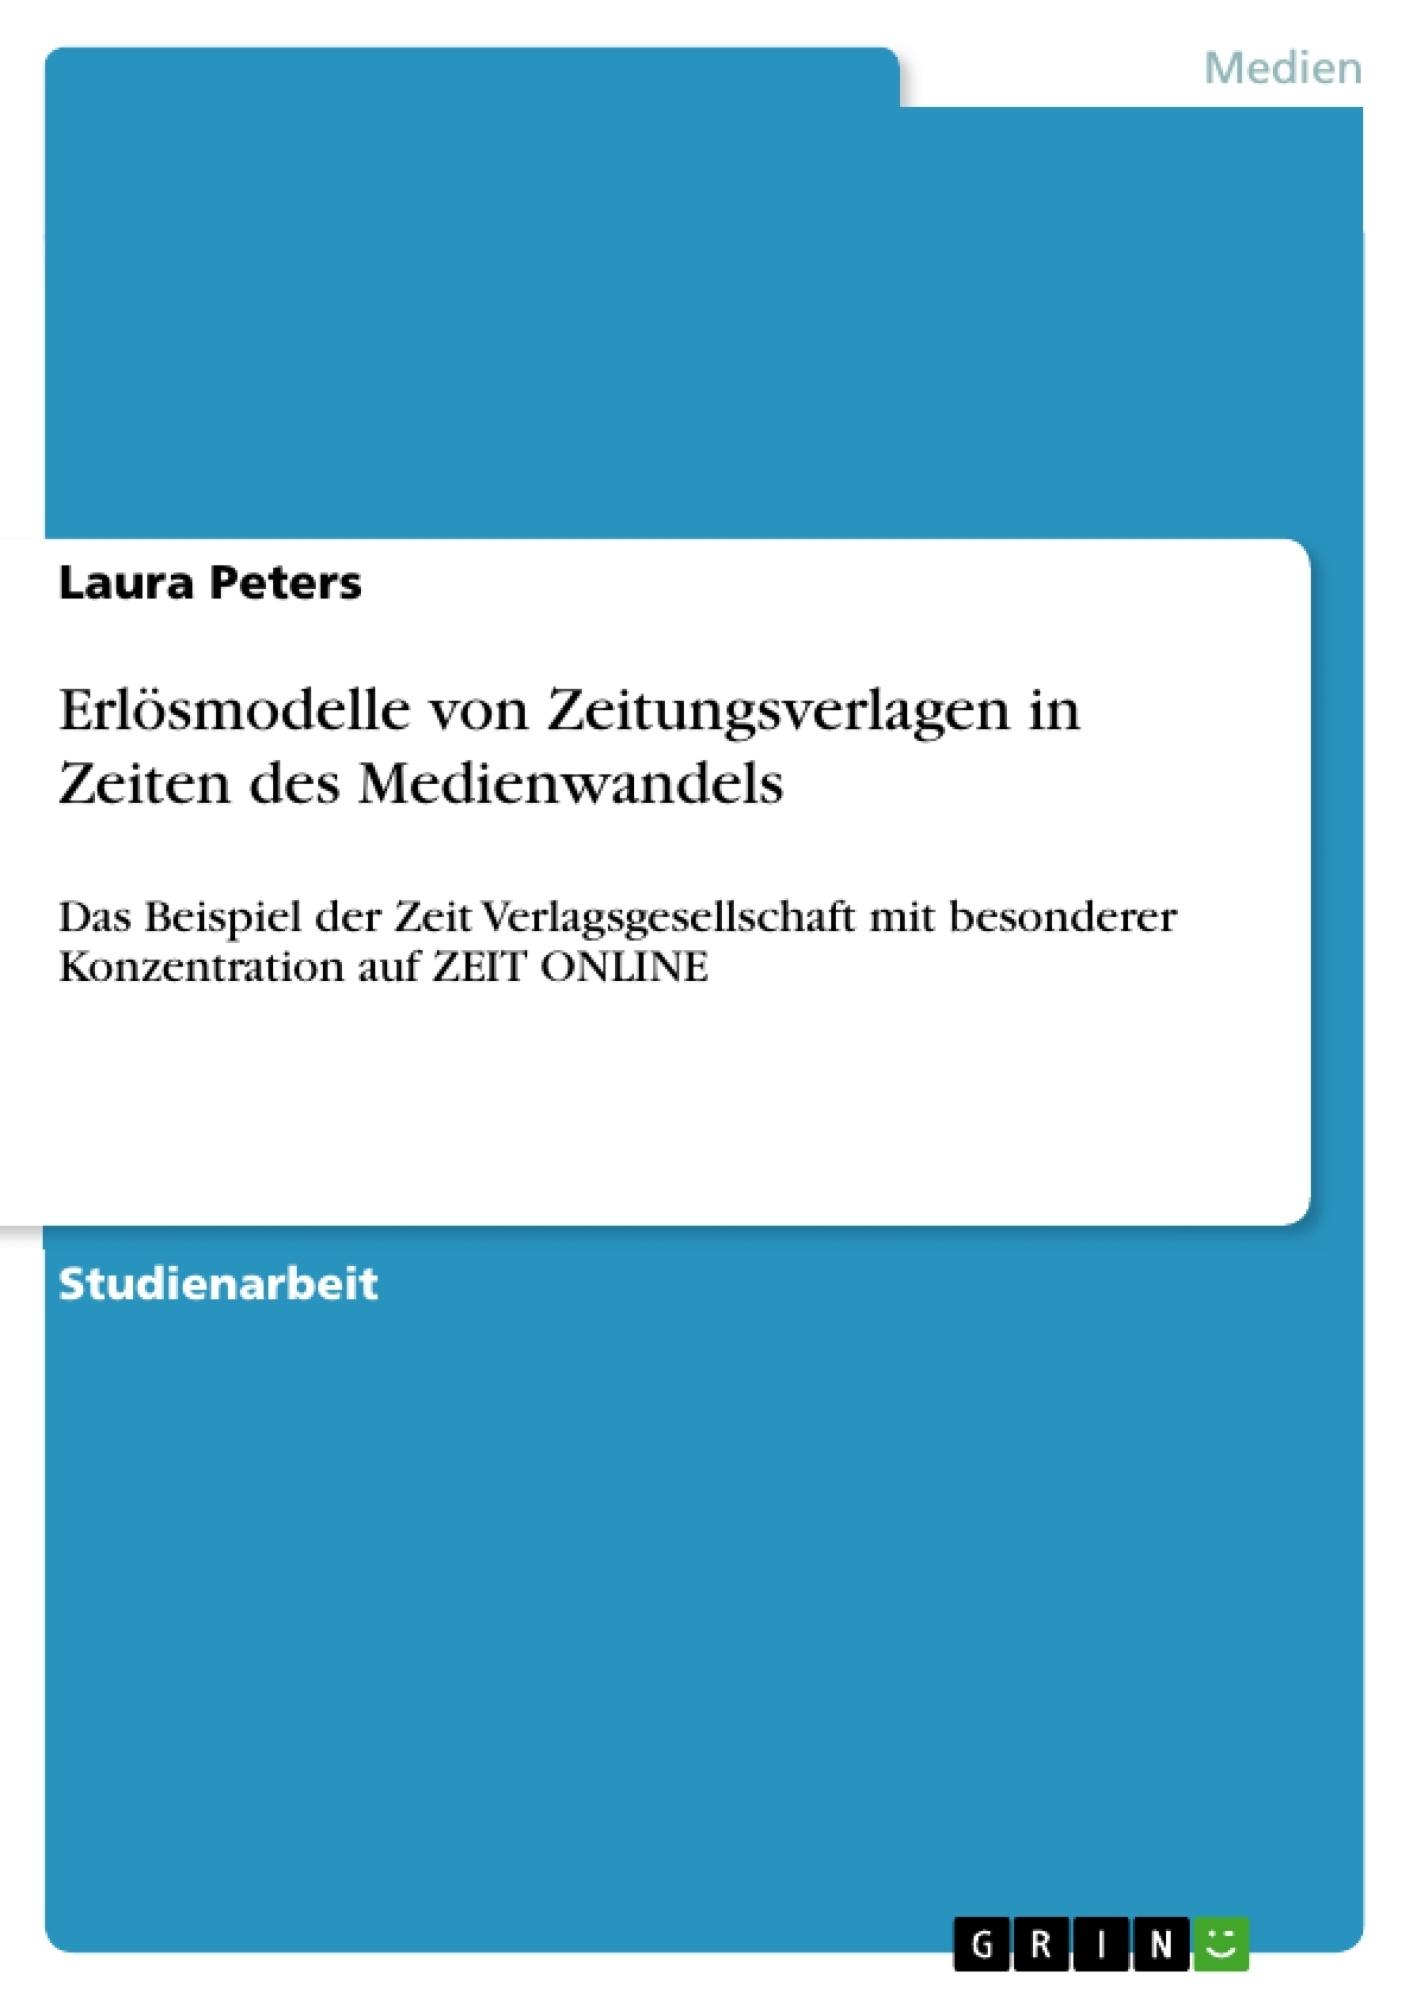 Titel: Erlösmodelle von Zeitungsverlagen in Zeiten des Medienwandels